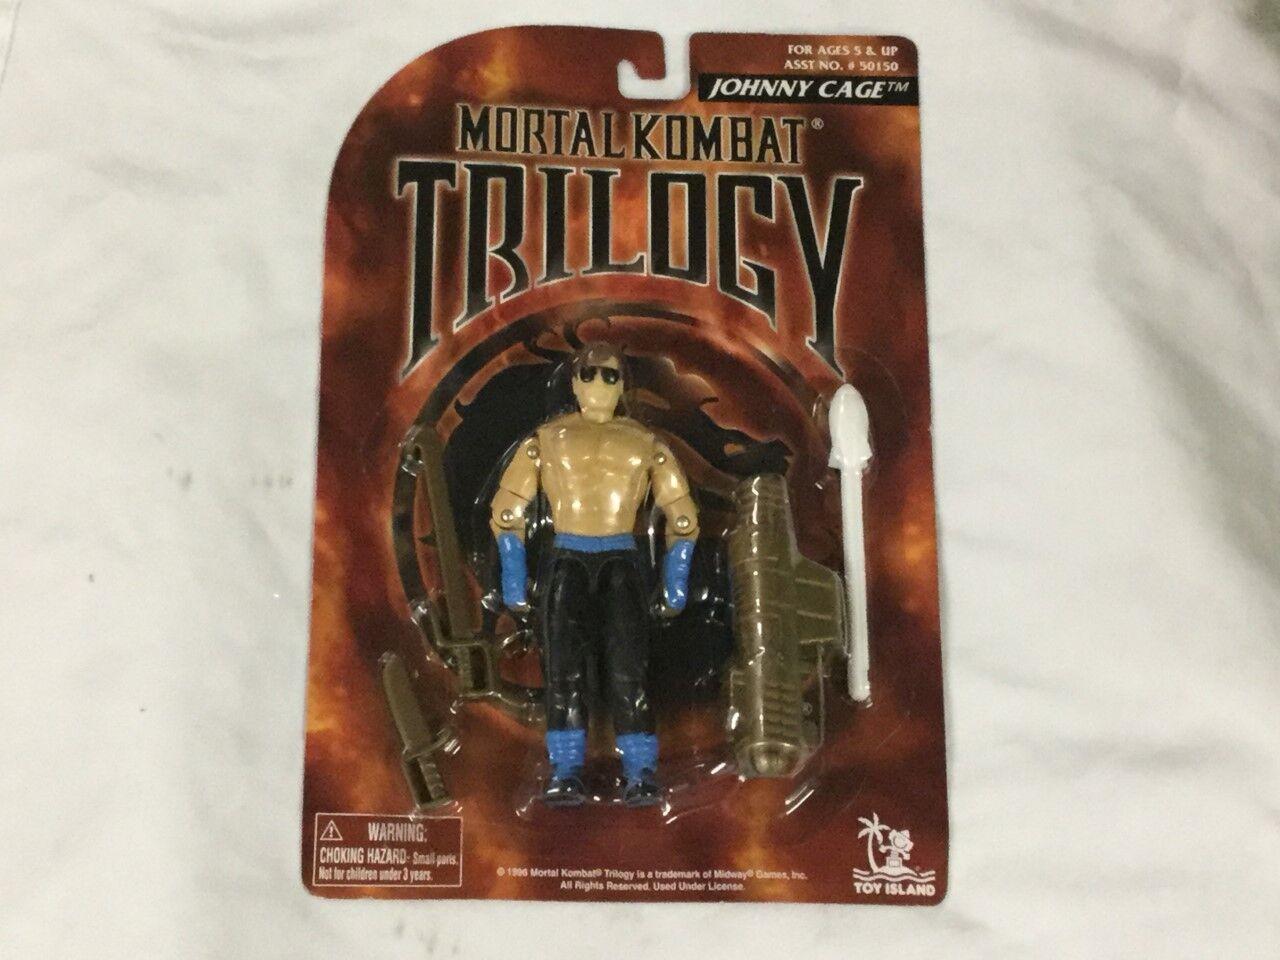 Vintage 1996 Mortal Kombat Trilogy Johnny Cage Figure MOC MISP Sealed Carded